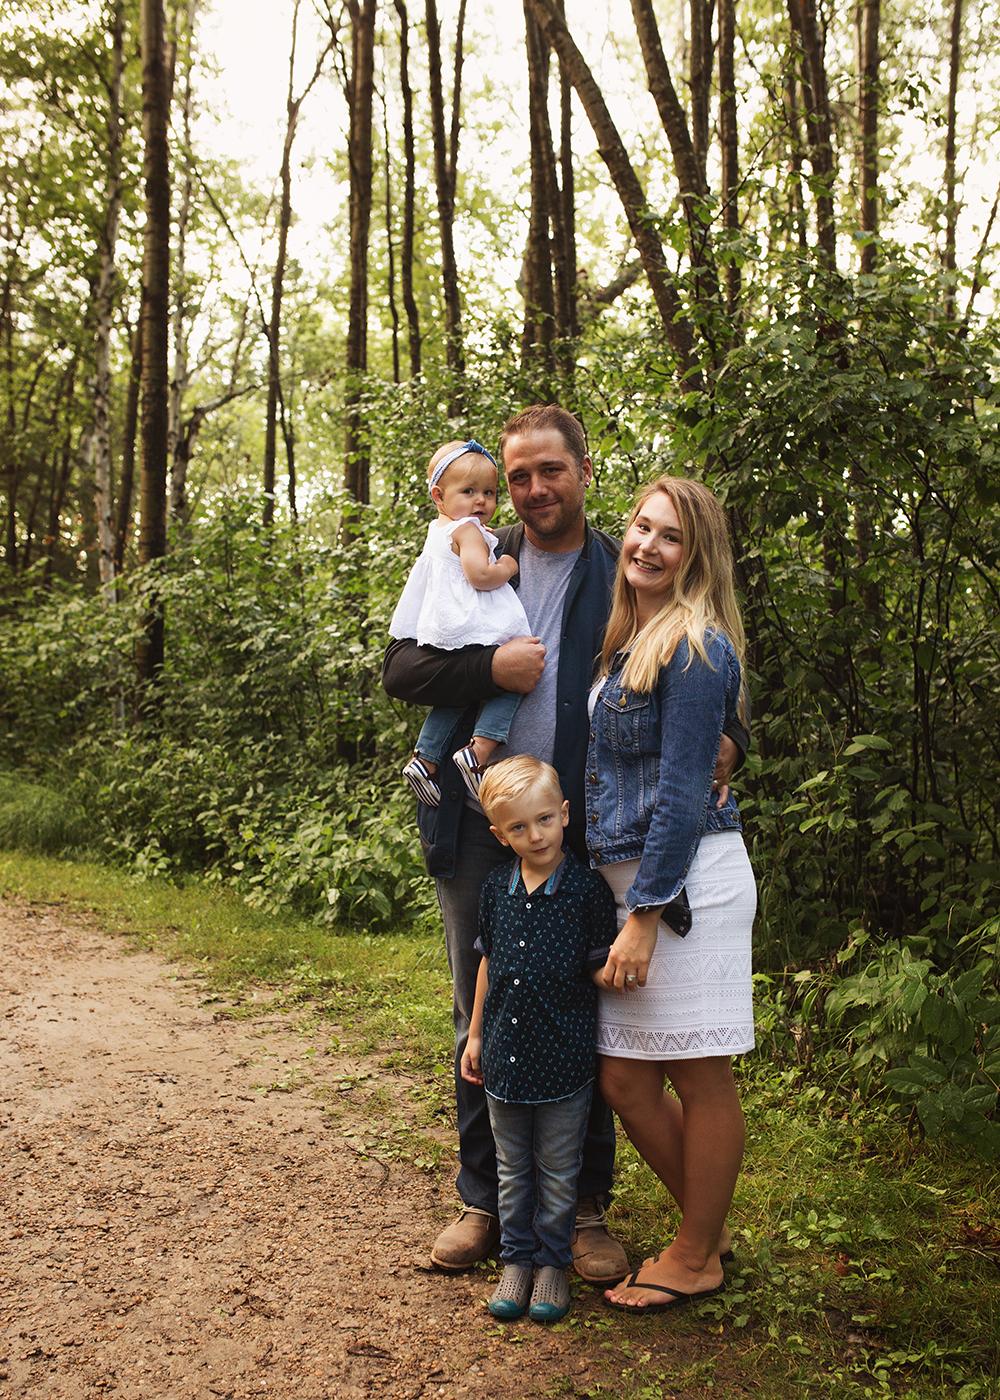 Edmonton Extended Family Photographer_Miller Family 6.jpg